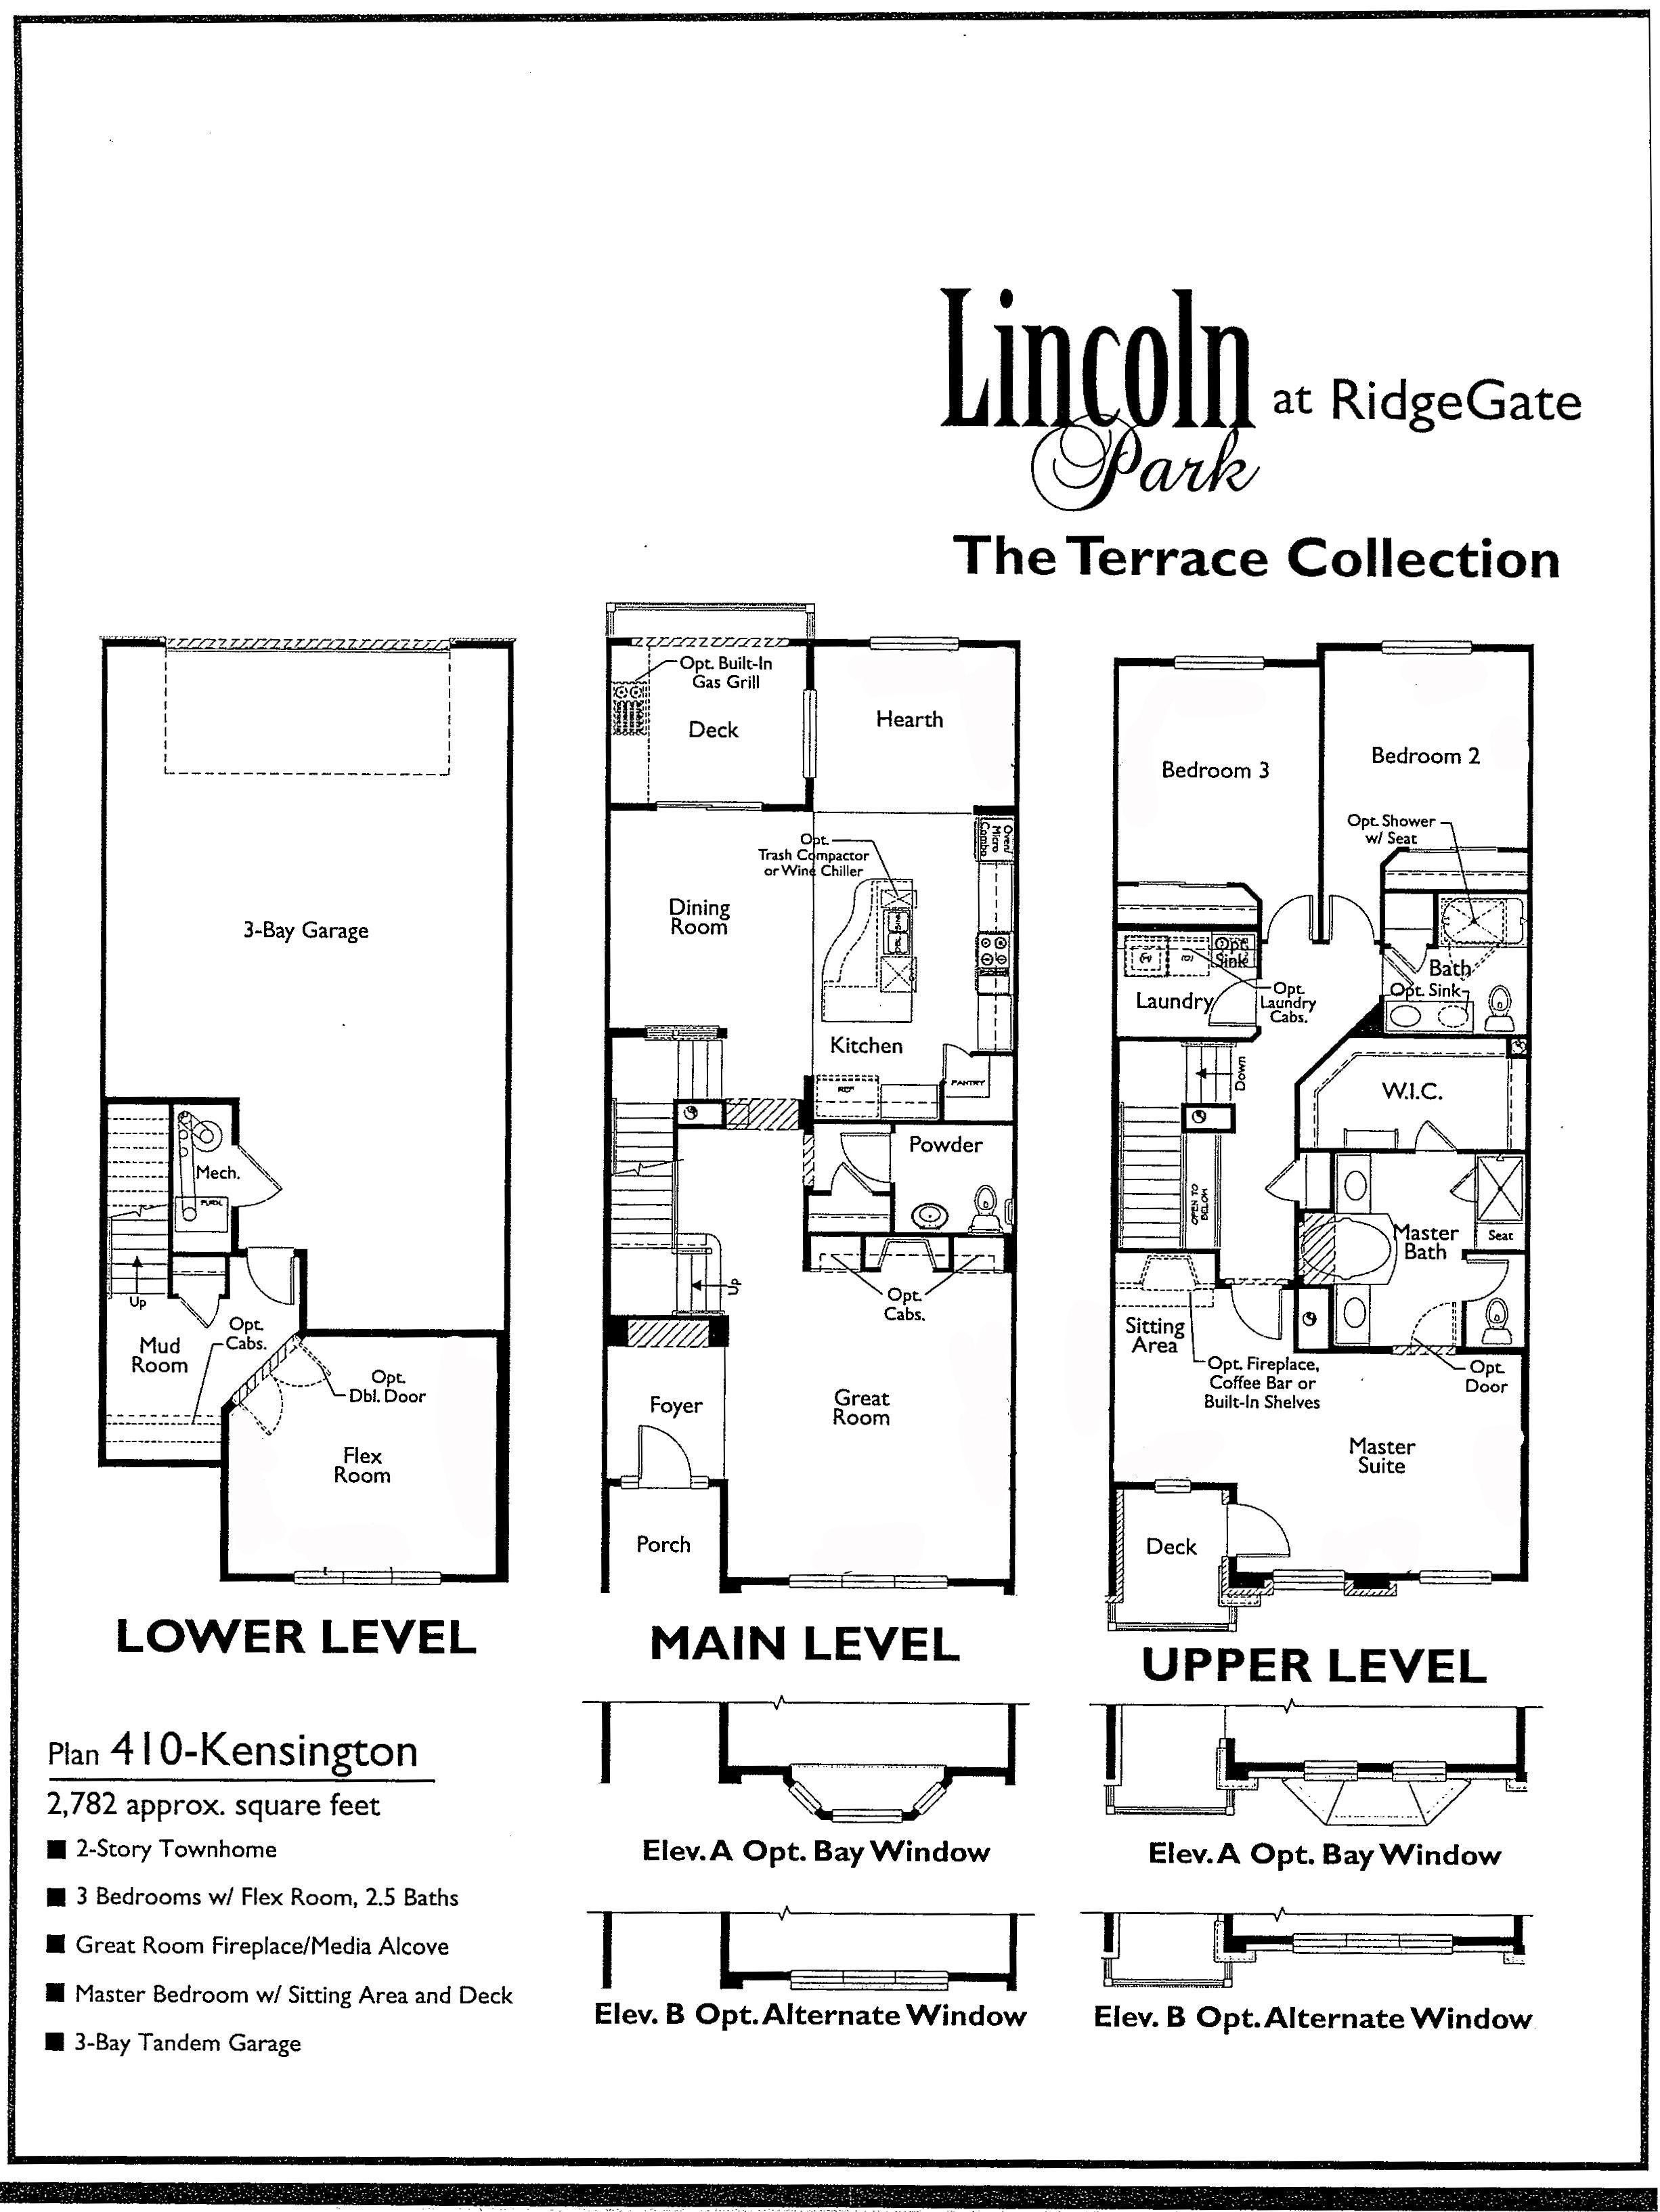 plan-410-kensington-lincoln-park-ridgegate-lone-tree-co